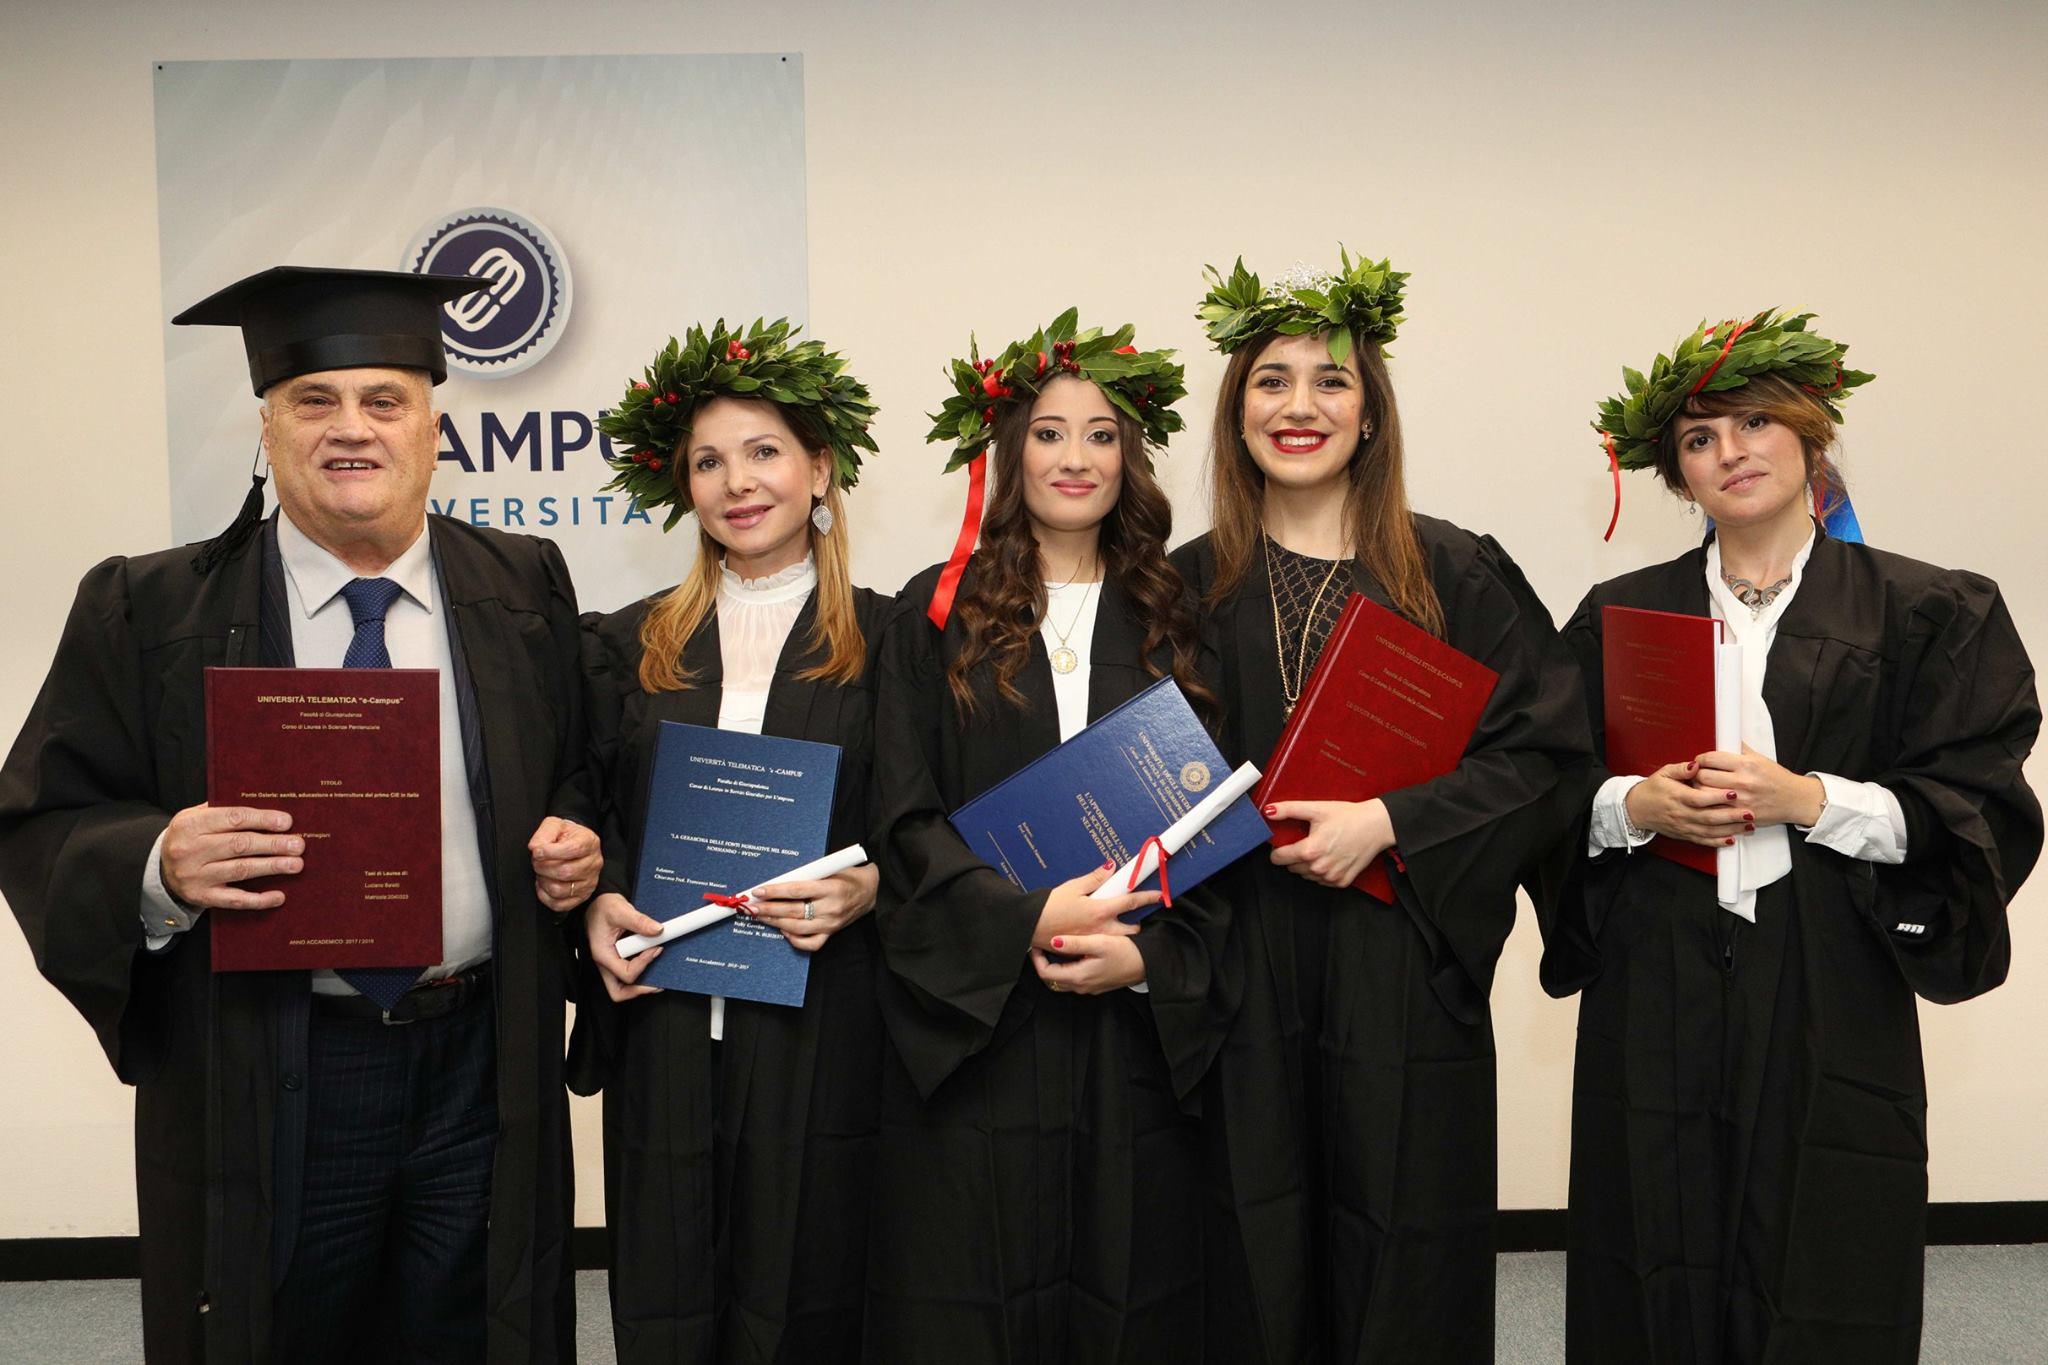 Plenaria eCampus 2019 - Blog Università eCampus